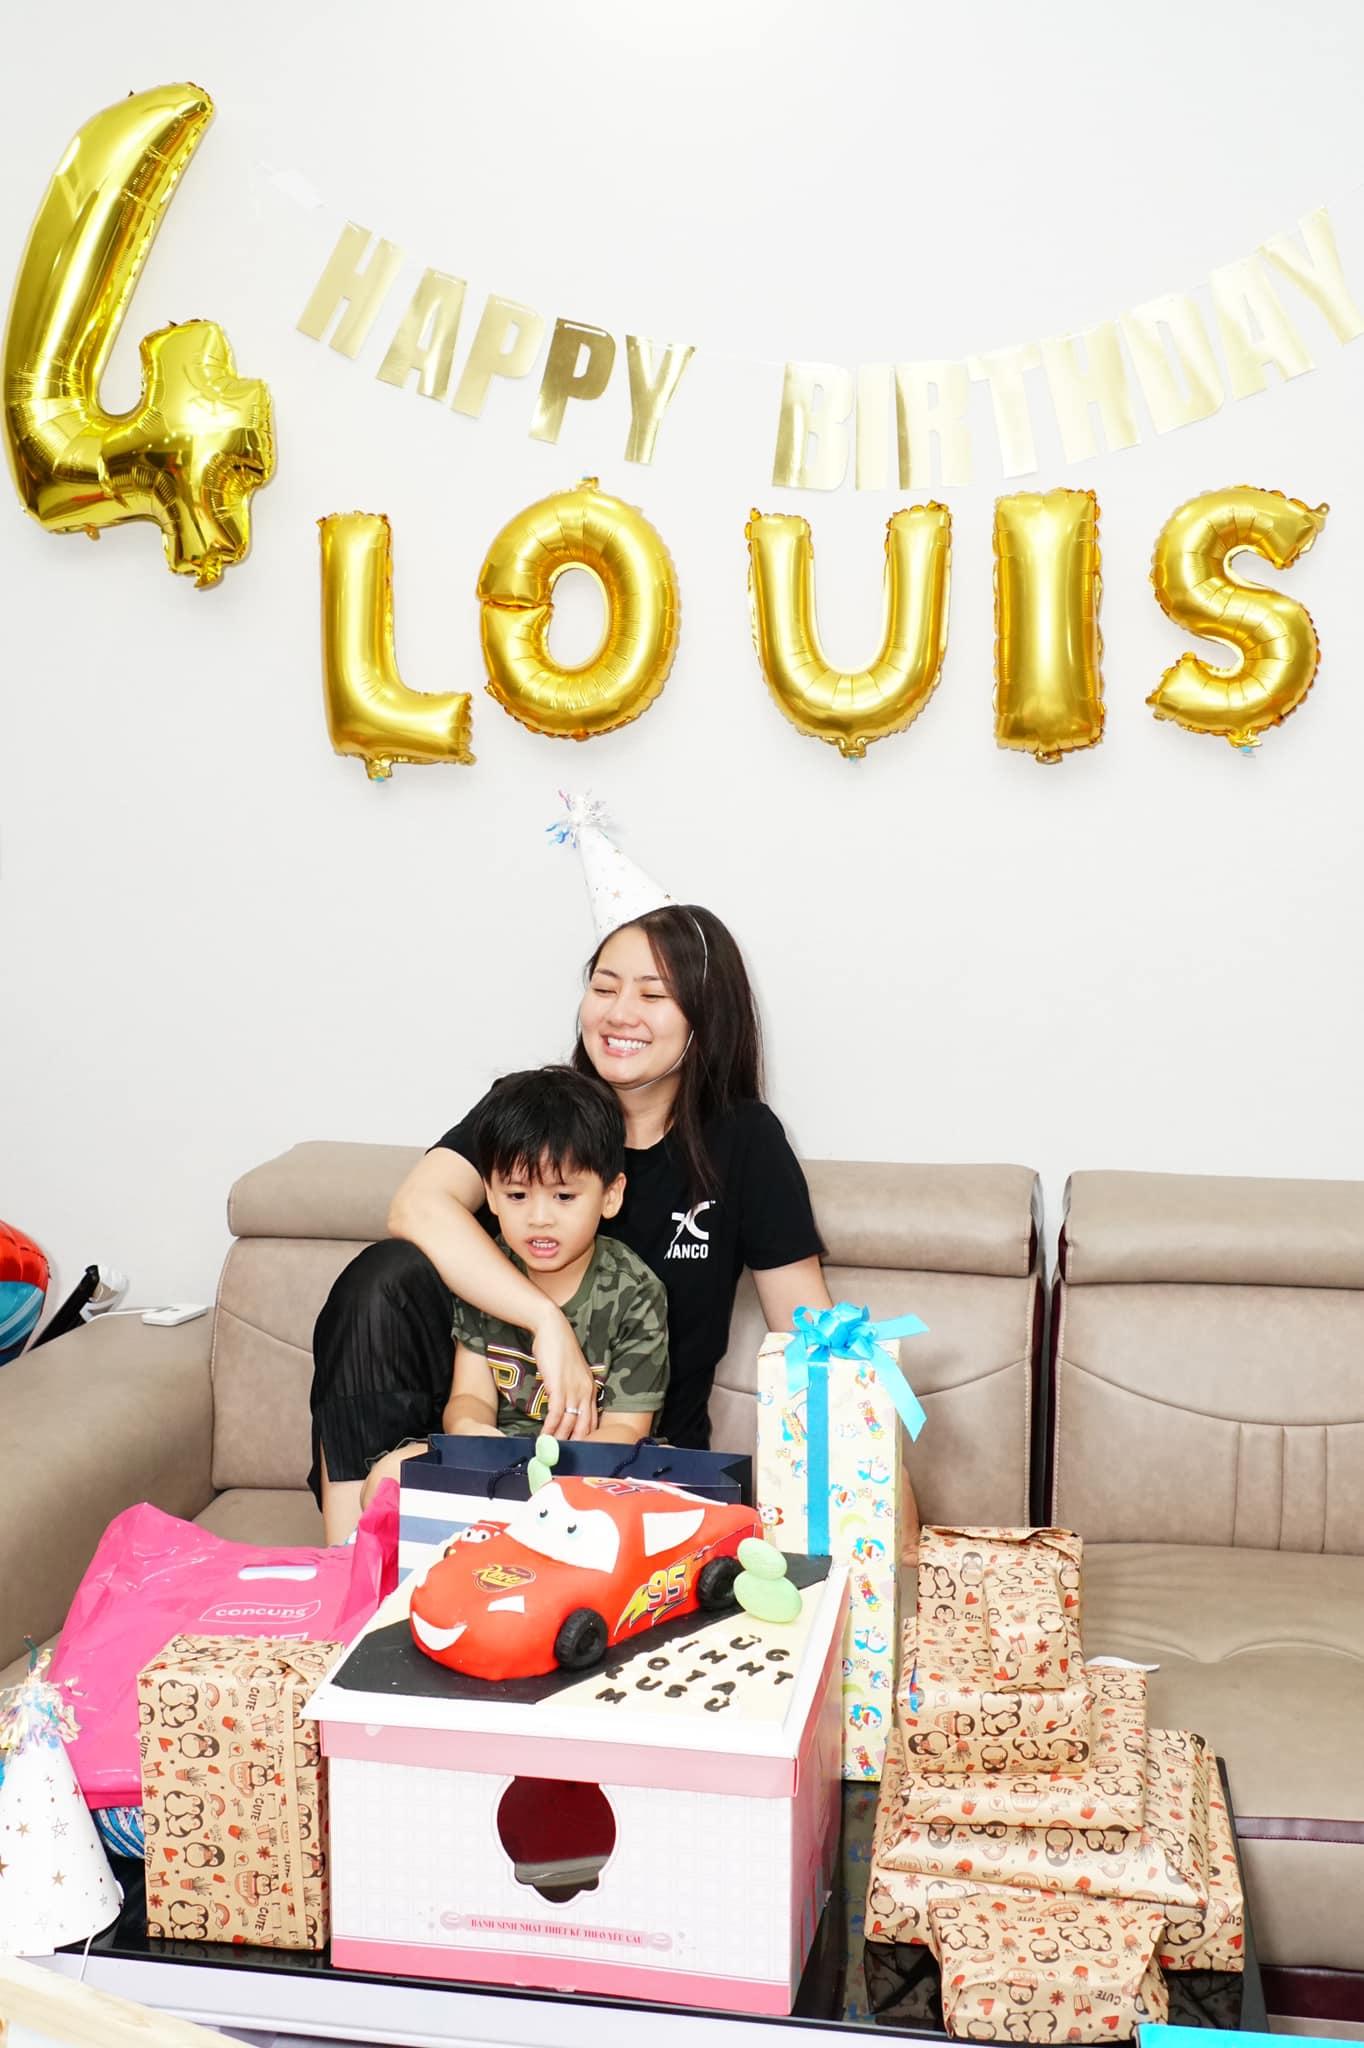 Ngọc Lan kỳ quặc tổ chức sinh nhật cho bé, Thanh Bình vắng mặt nhưng lại có hành động đặc biệt dành cho bé - Ảnh 4.